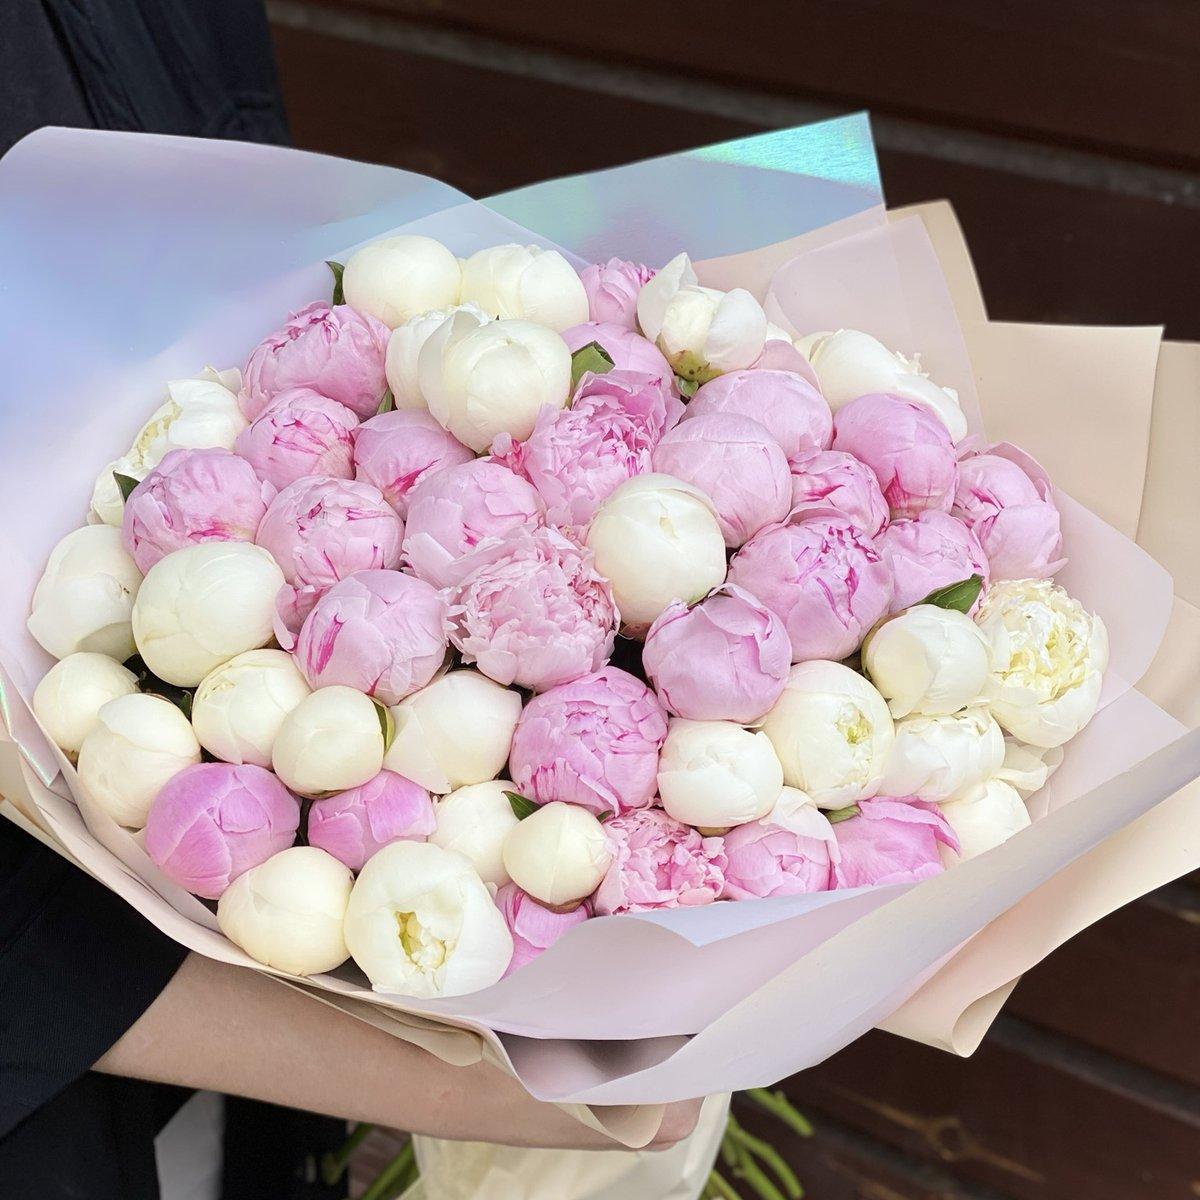 Микс белых и розовых пионов в руках